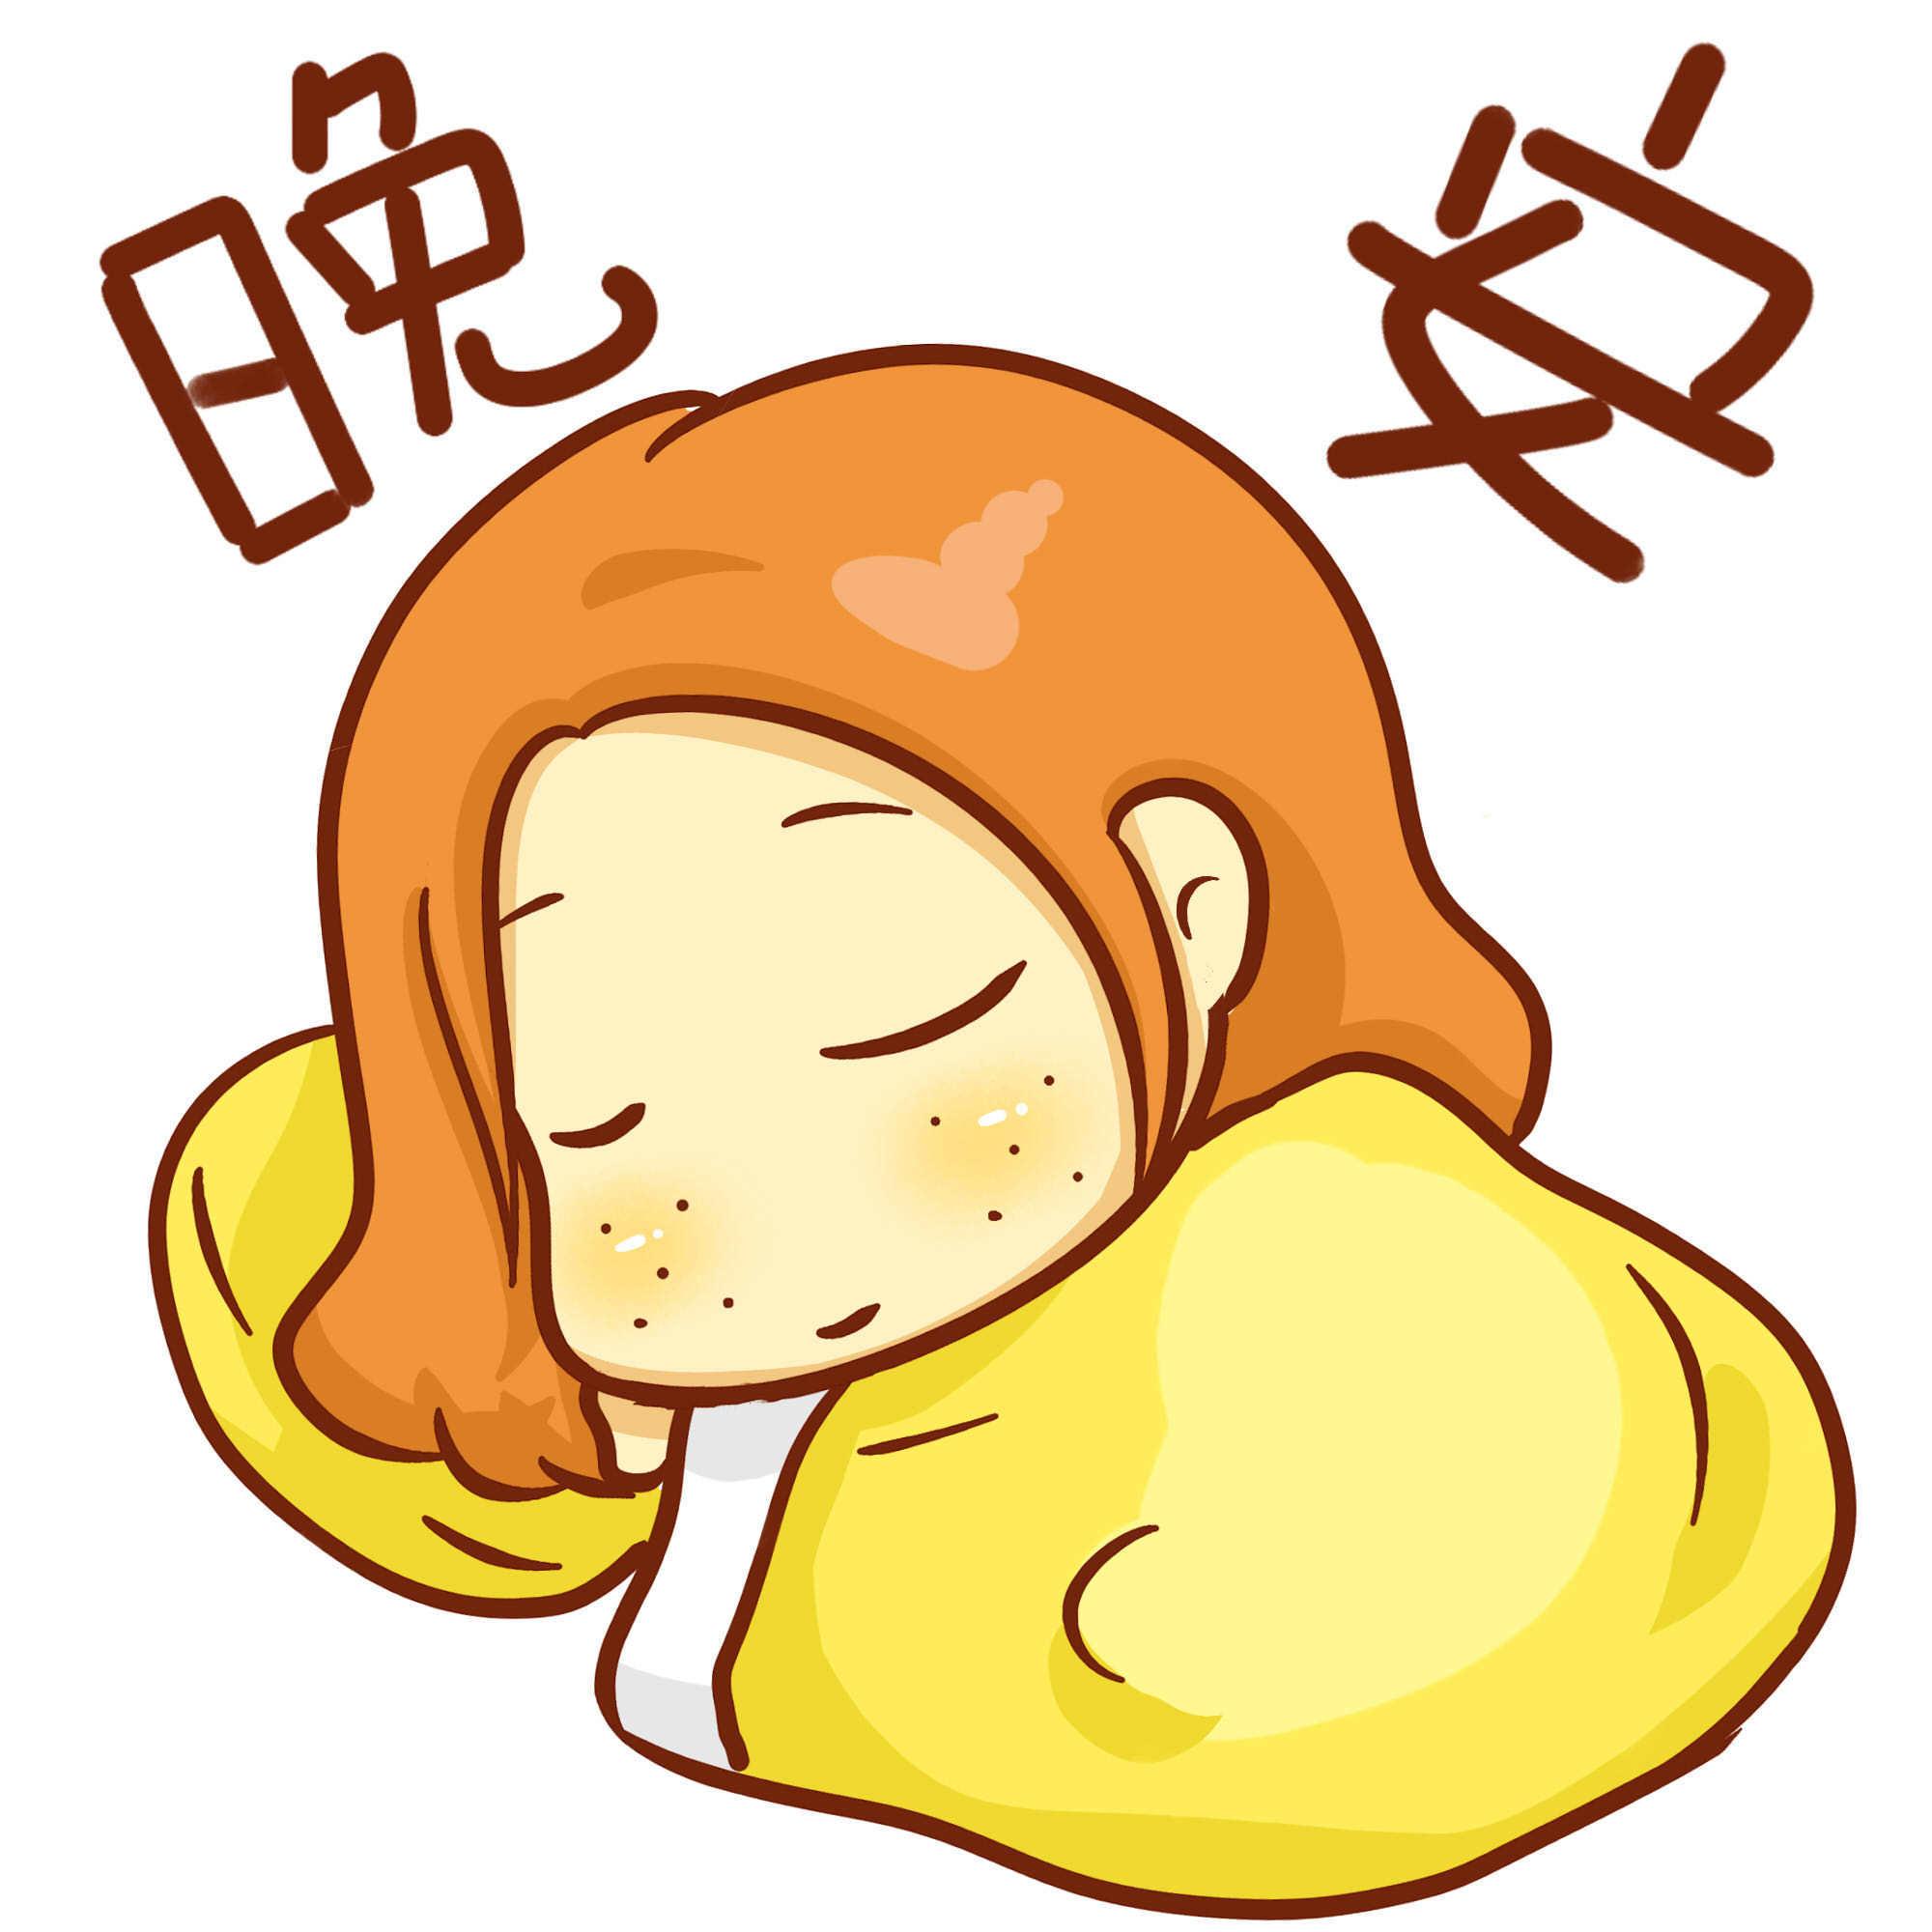 晚安 - 女汉子专用斗图表情(妹子专属)